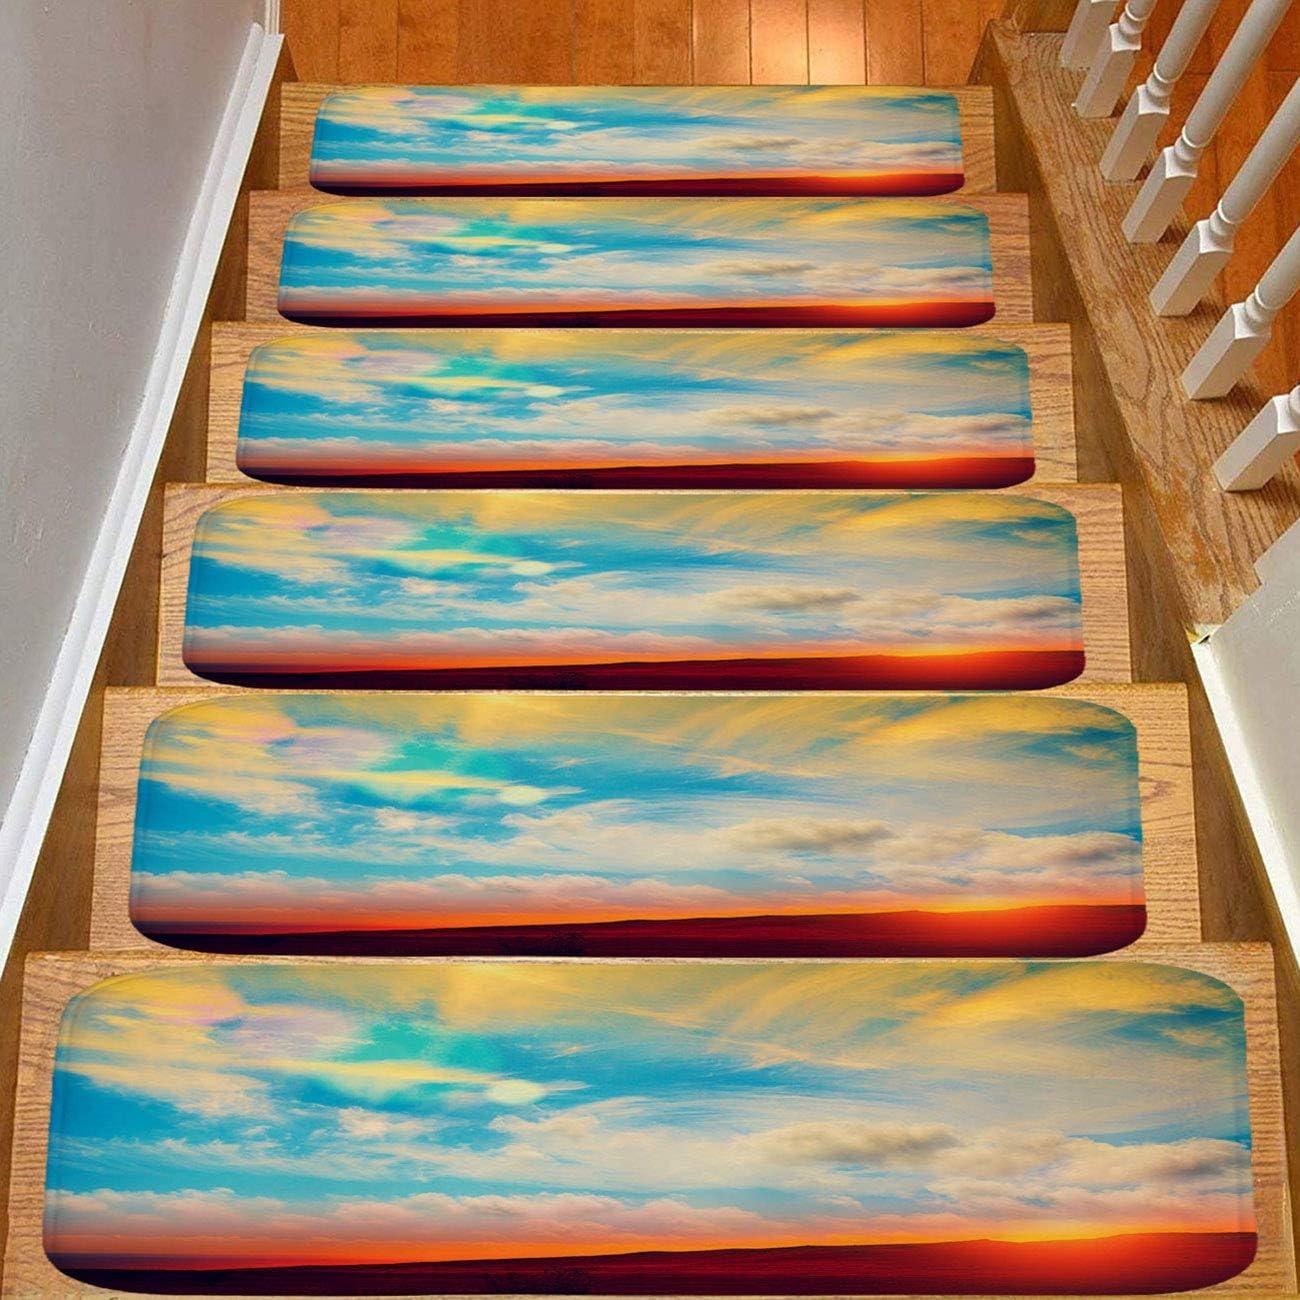 Paquete de 5 alfombrillas de franela para escalera, antideslizantes, diseño de palmeras de mar y atardecer, multicolor, antideslizantes, para niños, ancianos y perros: Amazon.es: Bricolaje y herramientas